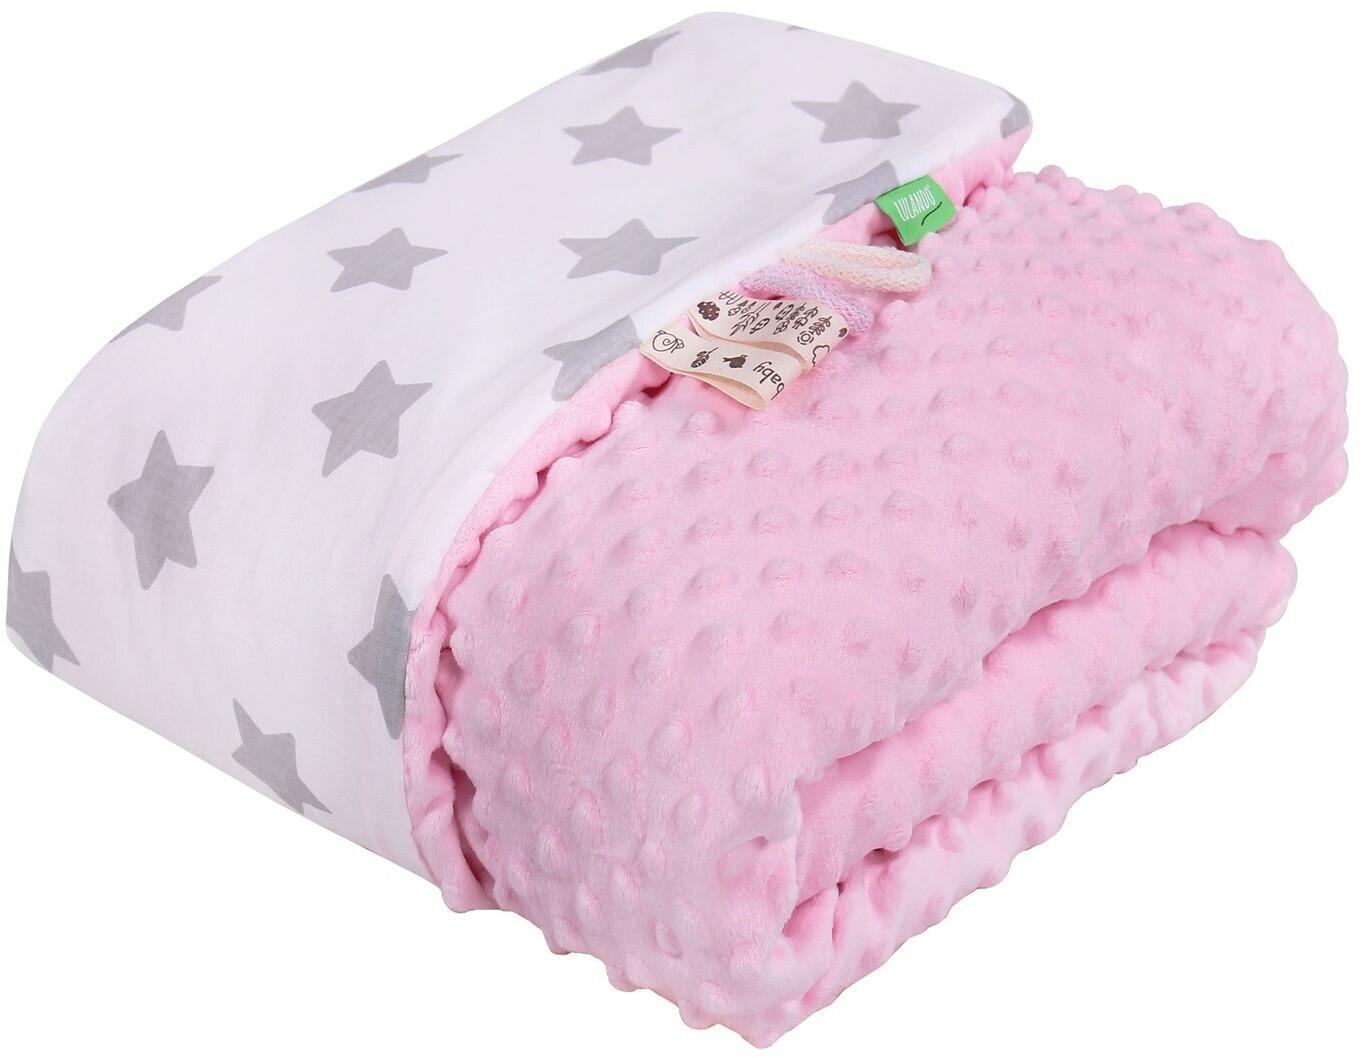 Lulando Babydecke Minky pink/weiß graue sterne